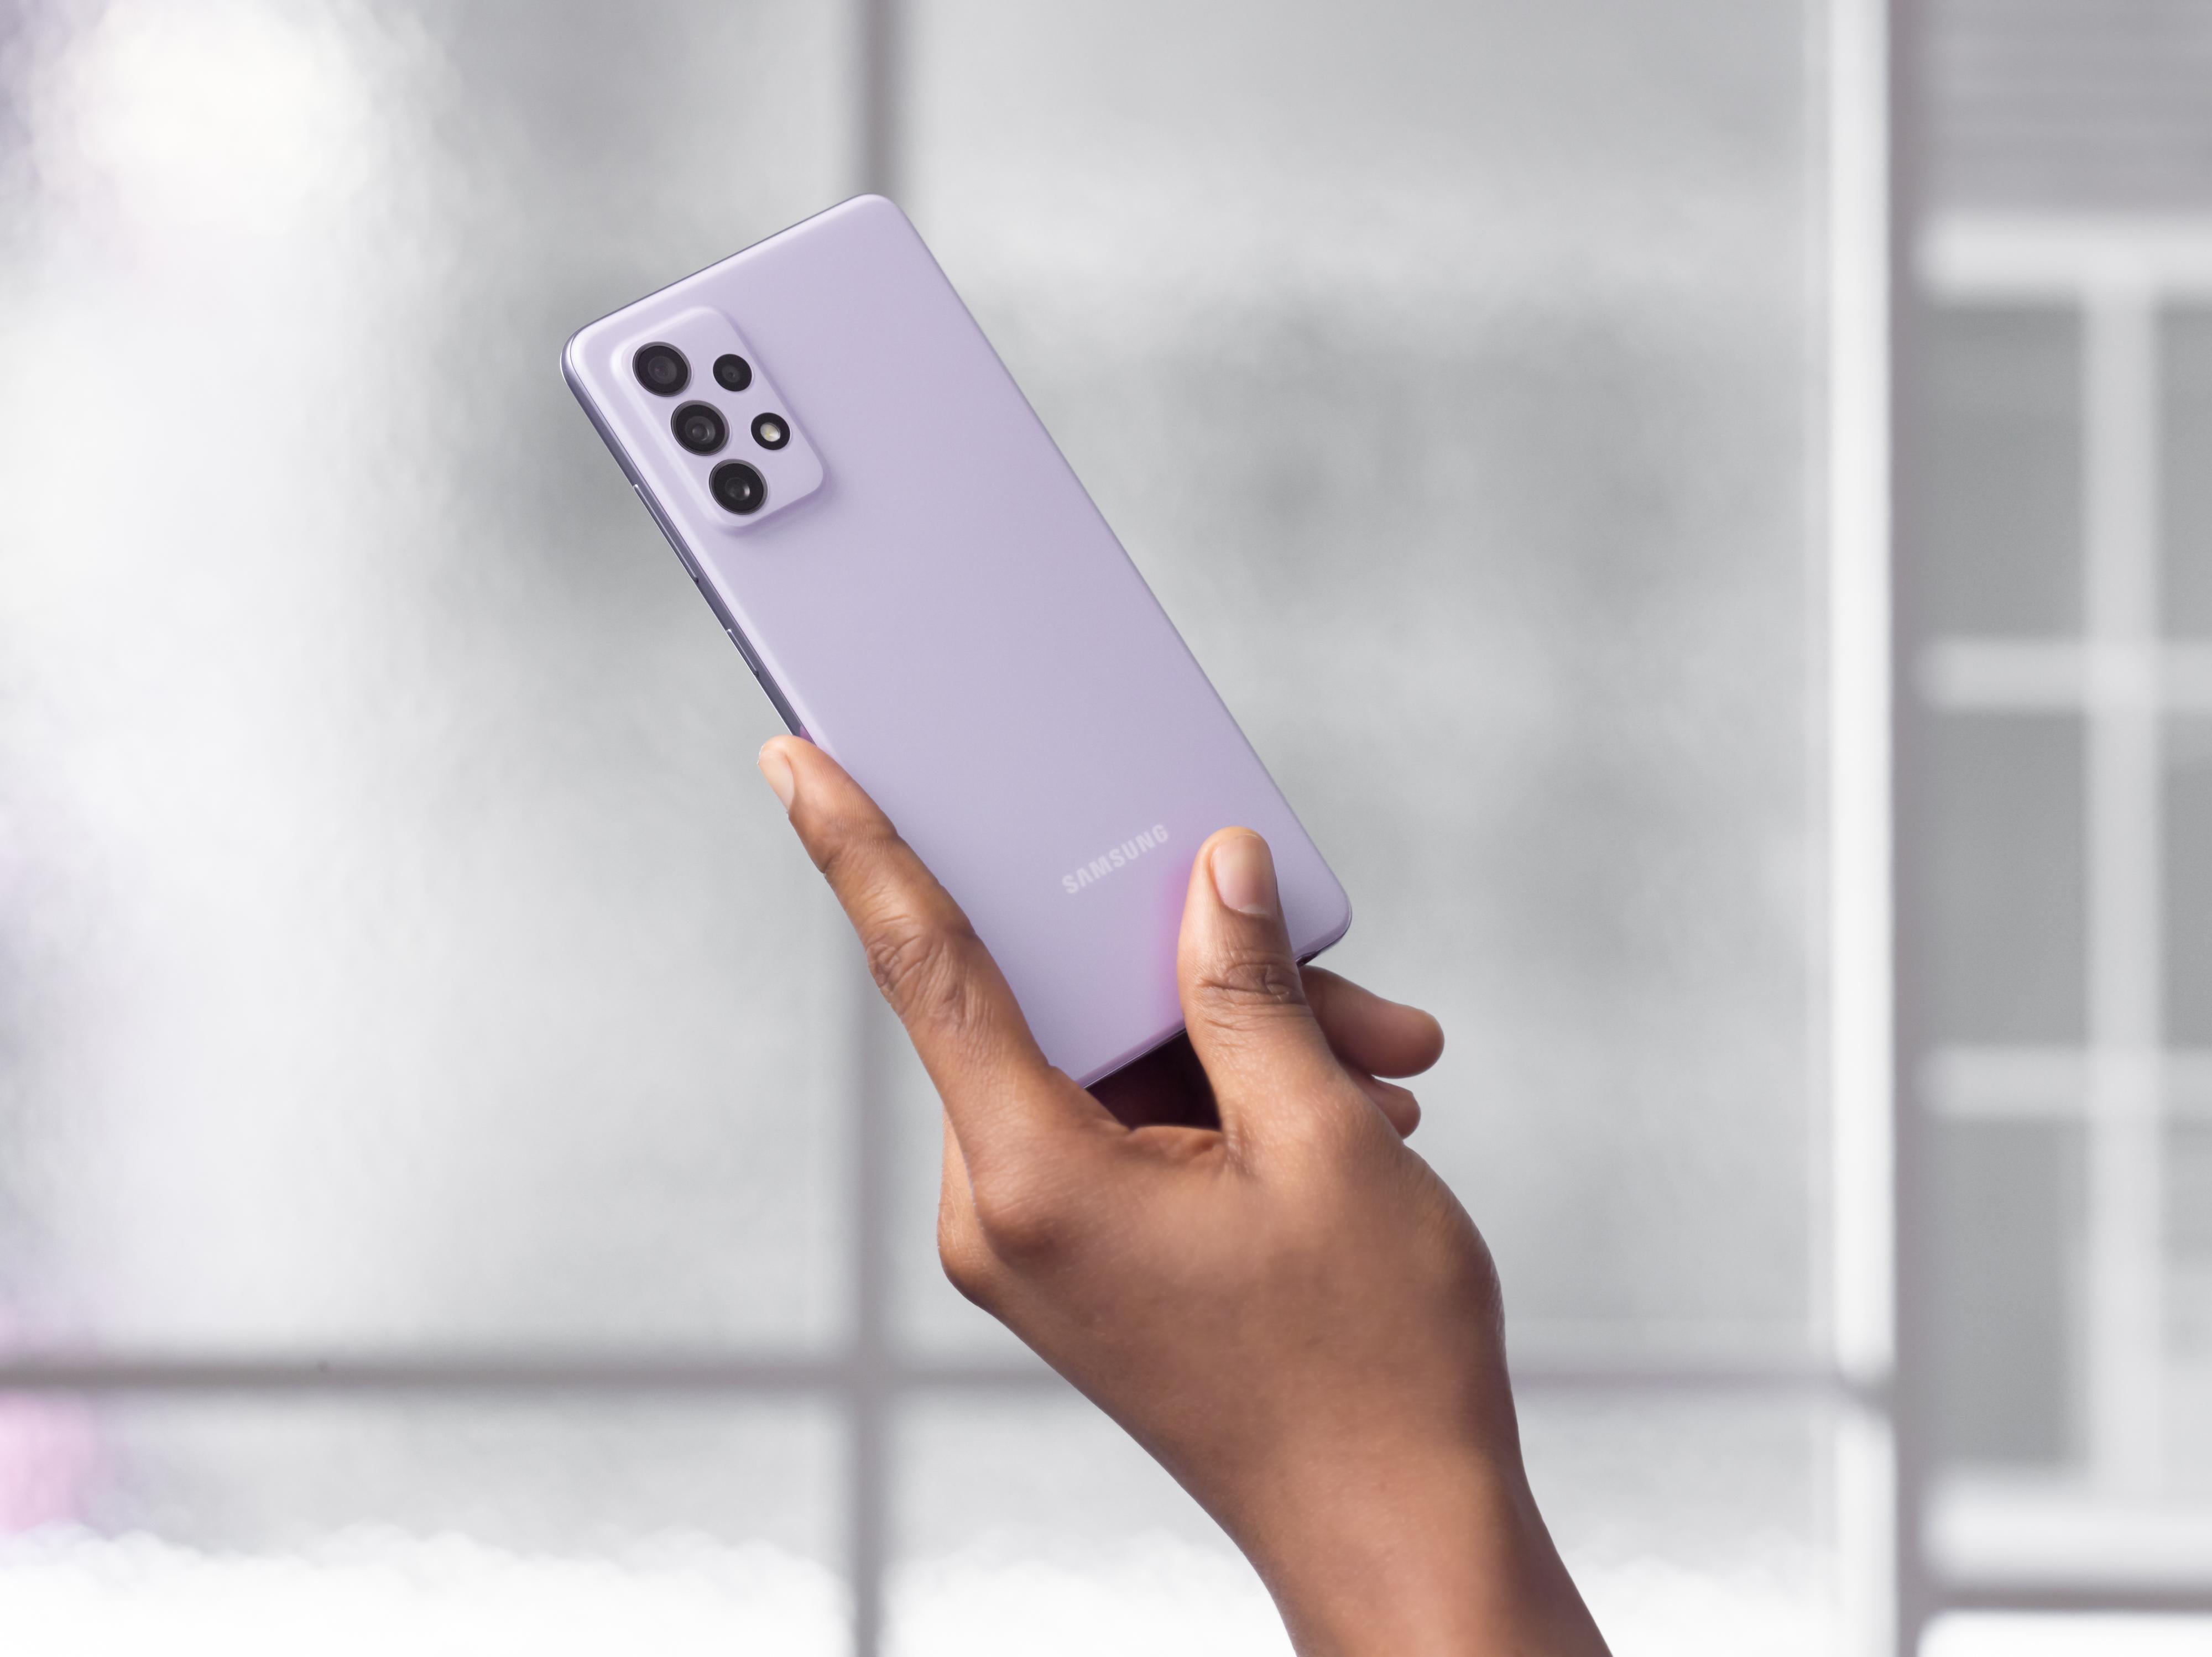 Samsung Galaxy A52 и Galaxy A72: смартфоны с 90 Гц дисплеями, квадрокамерами и водозащитой IP67 от 430